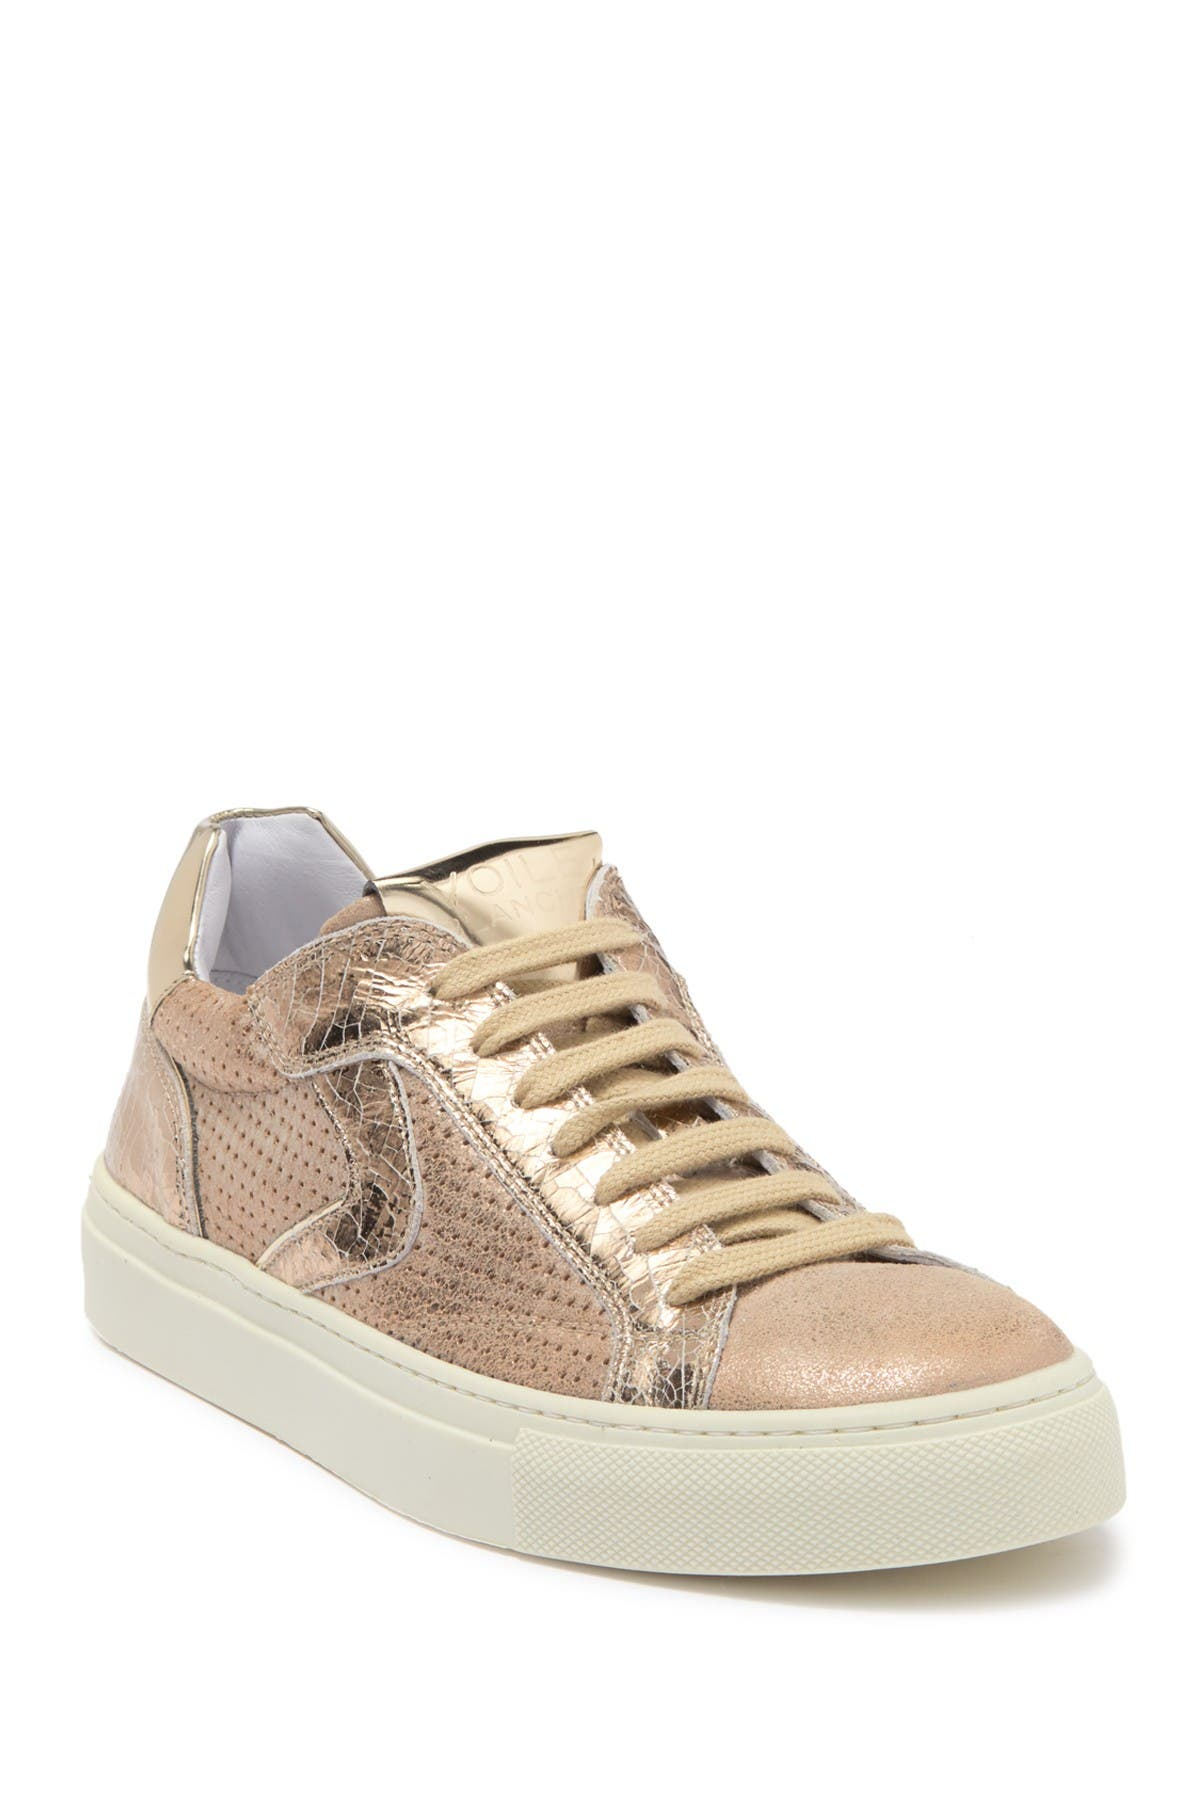 Image of Viola Blanche Capri Leather Sneaker